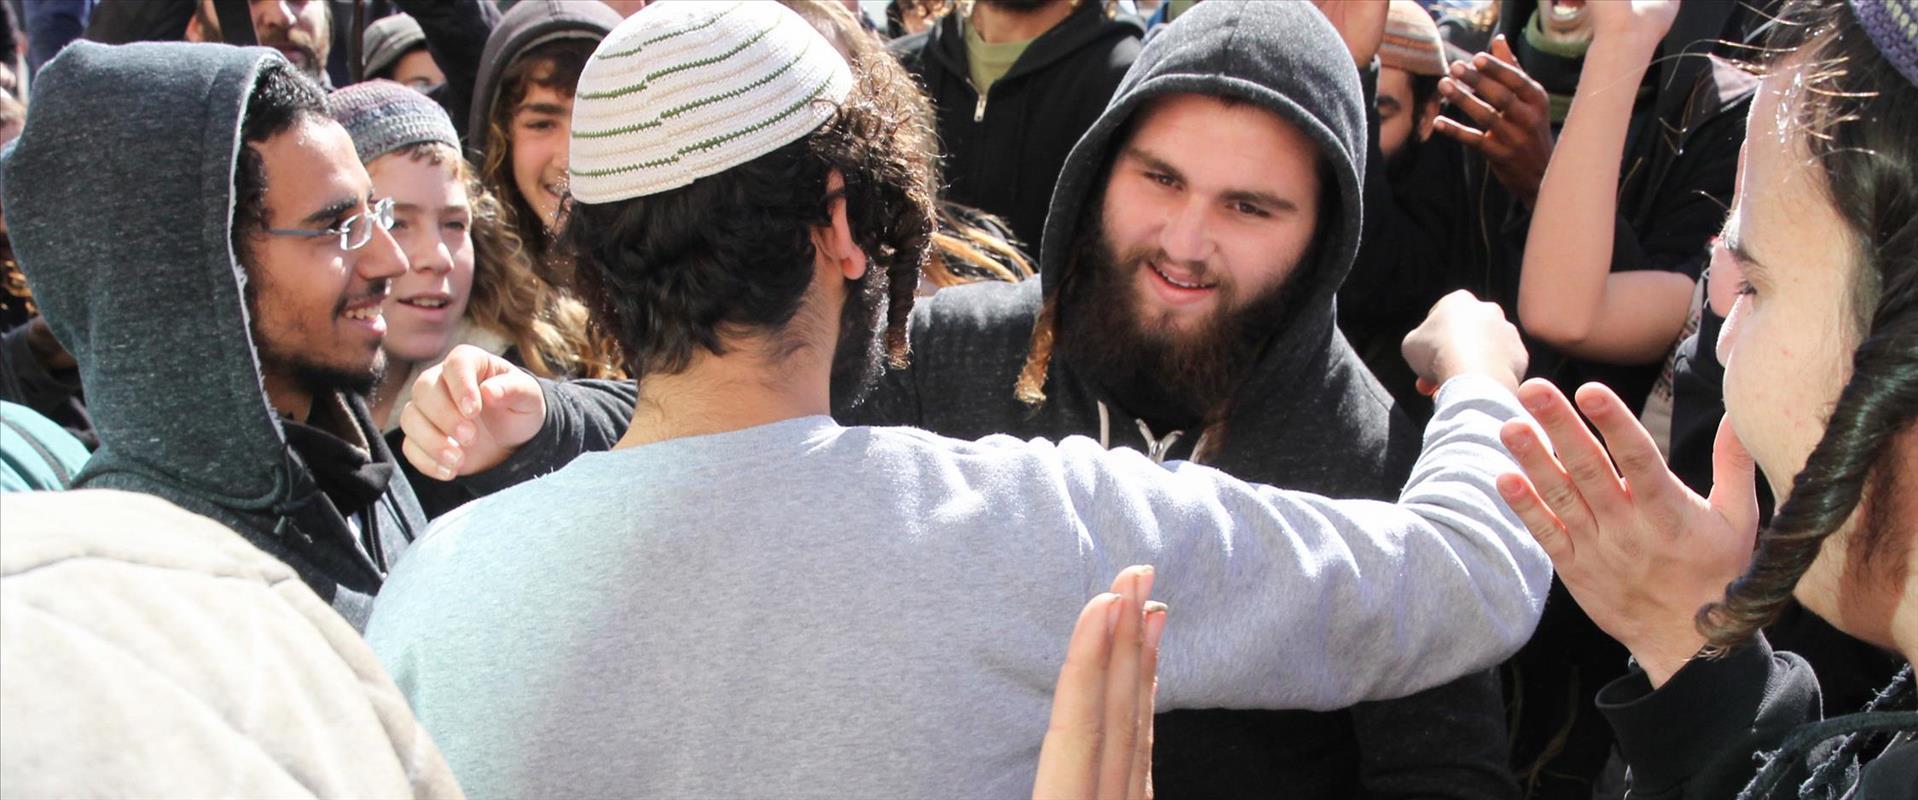 חשוד בפרשת הטרור היהודי